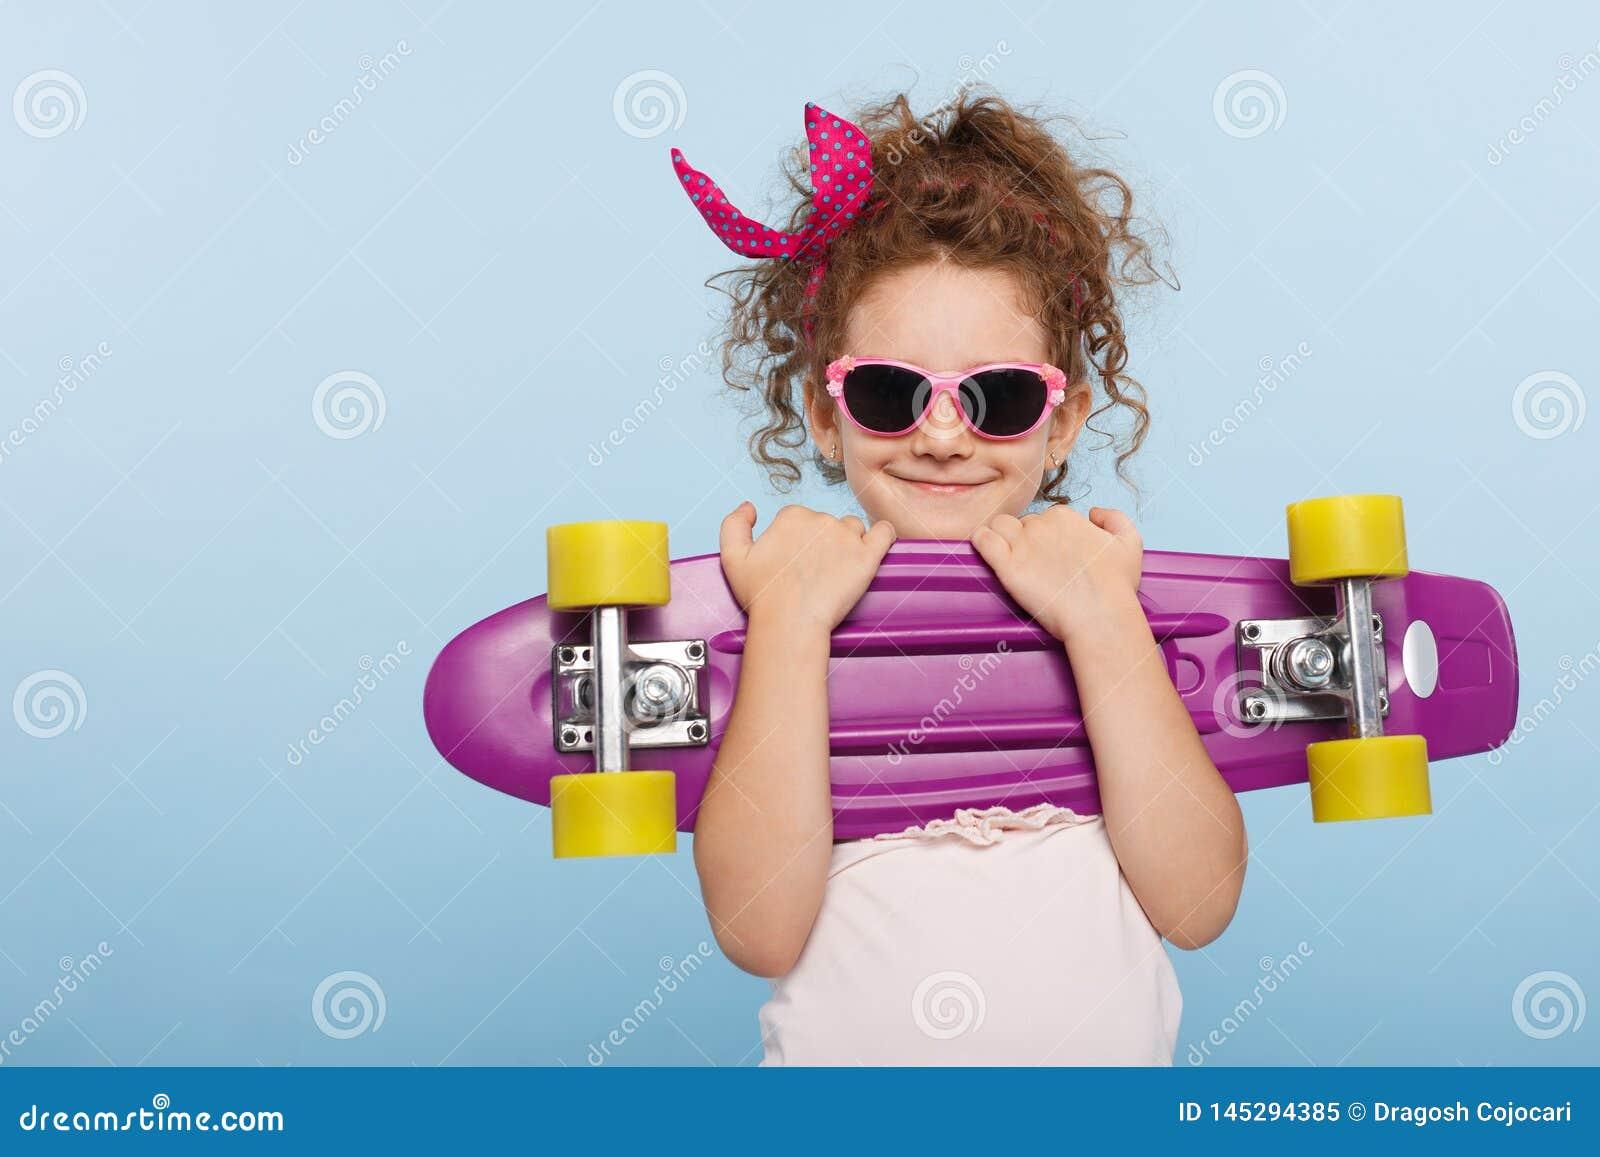 Retrato de uma cara do divertimento de uma menina em ?culos de sol cor-de-rosa, guardando o patim nas m?os, isoladas em um fundo